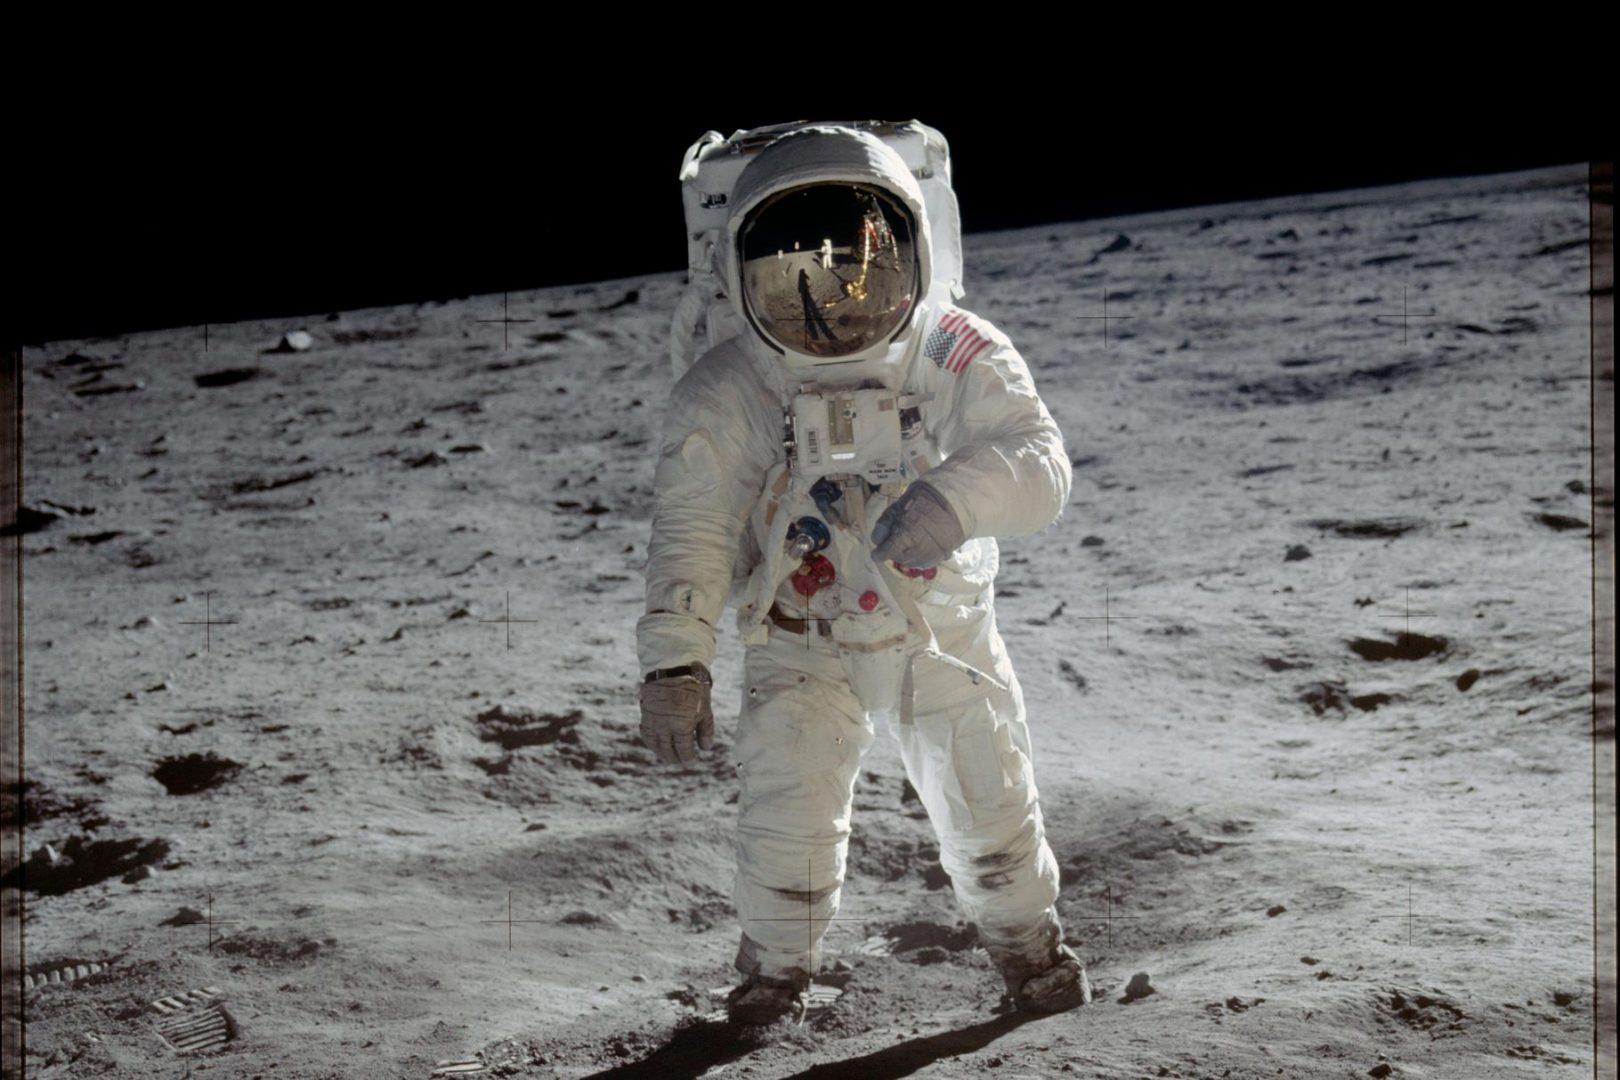 Αστροναύτης της NASA στο Φεγγάρι